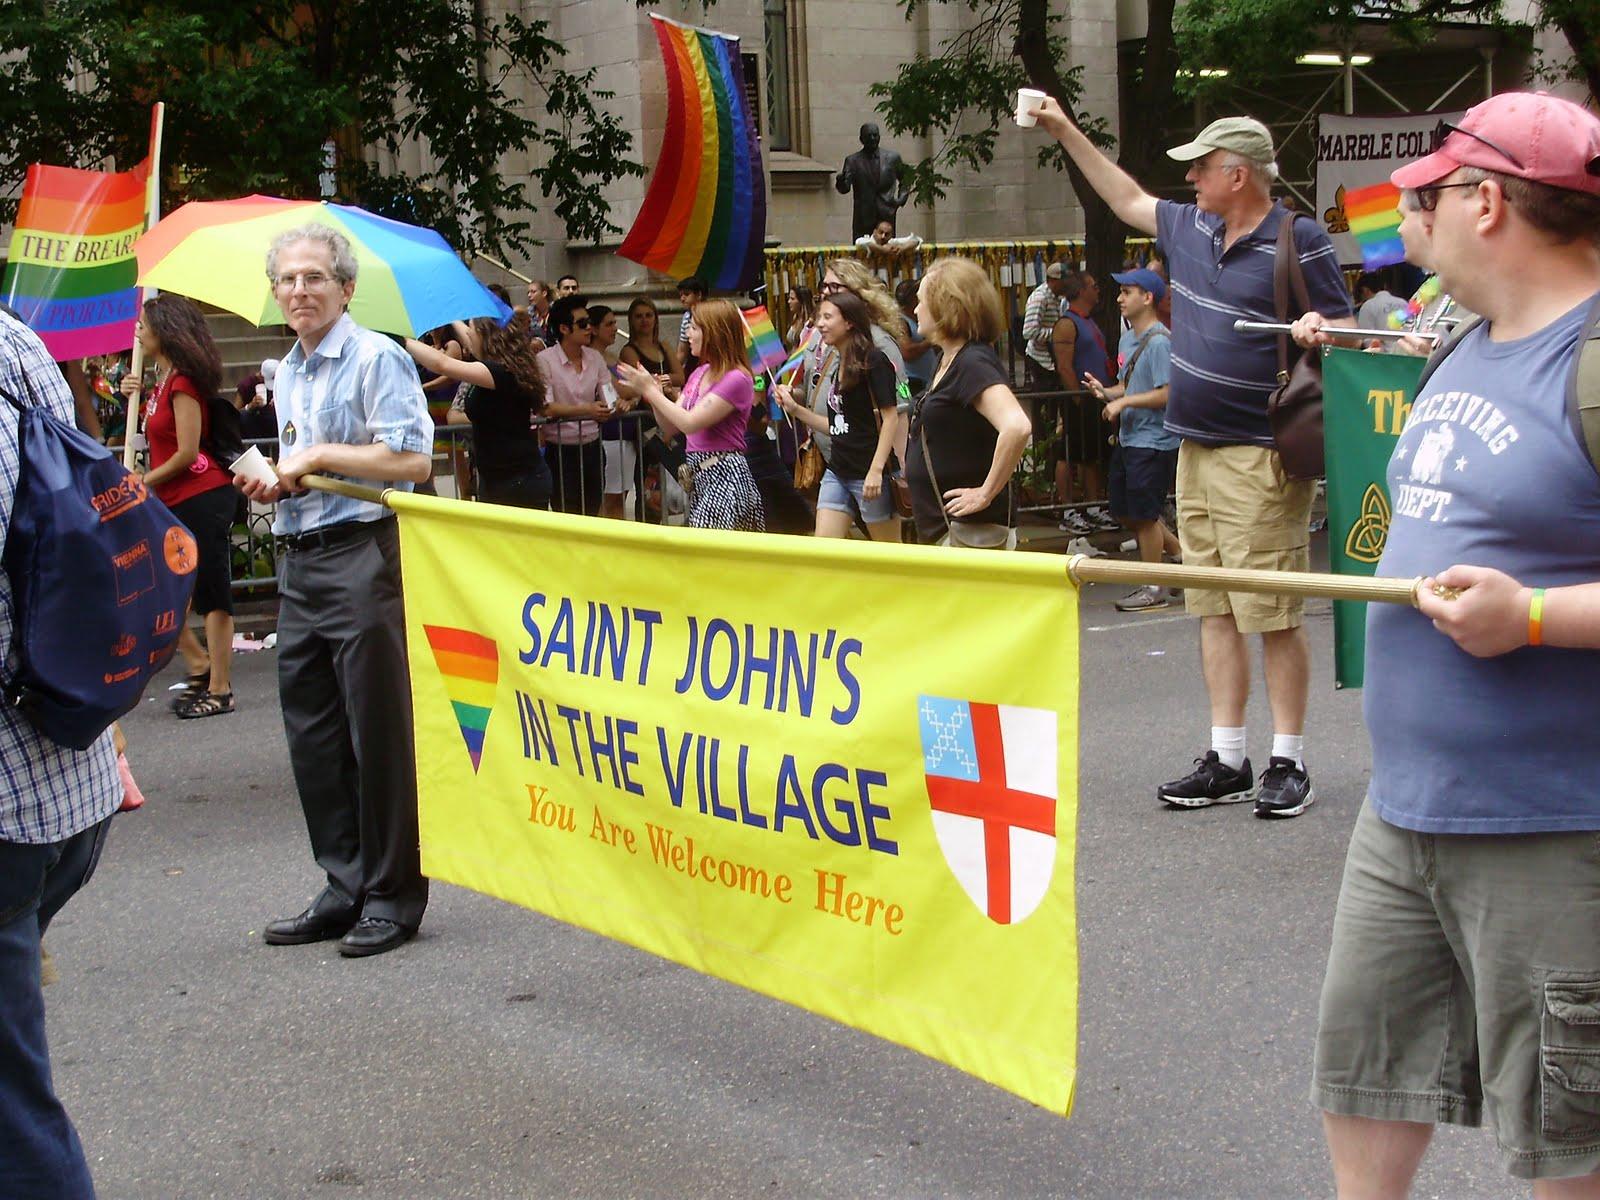 Churtch street gay pride